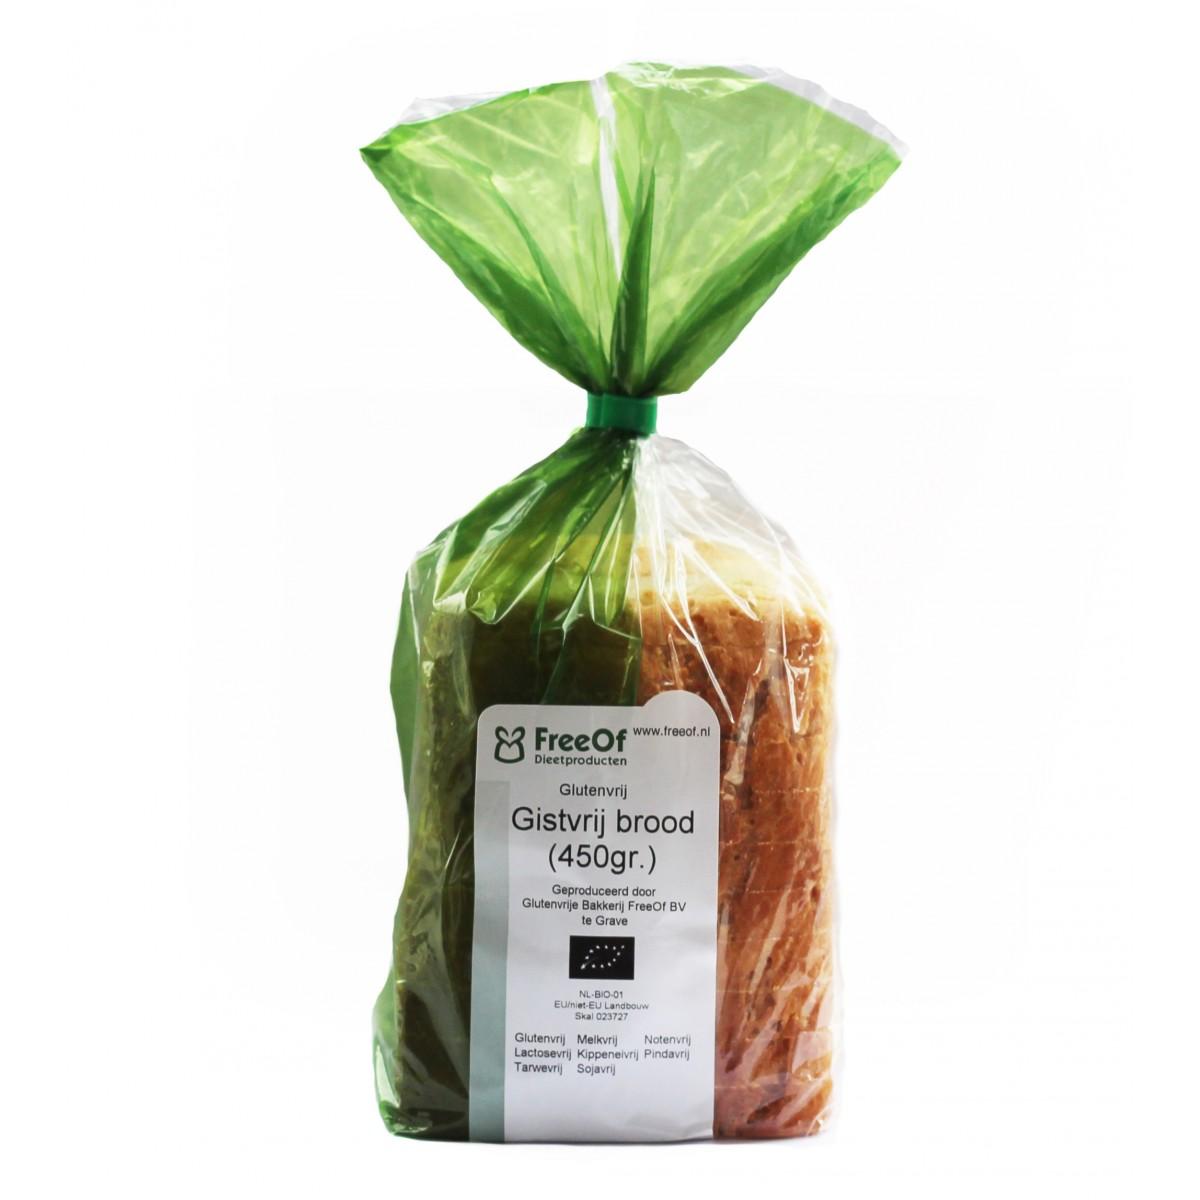 Gistvrij Brood